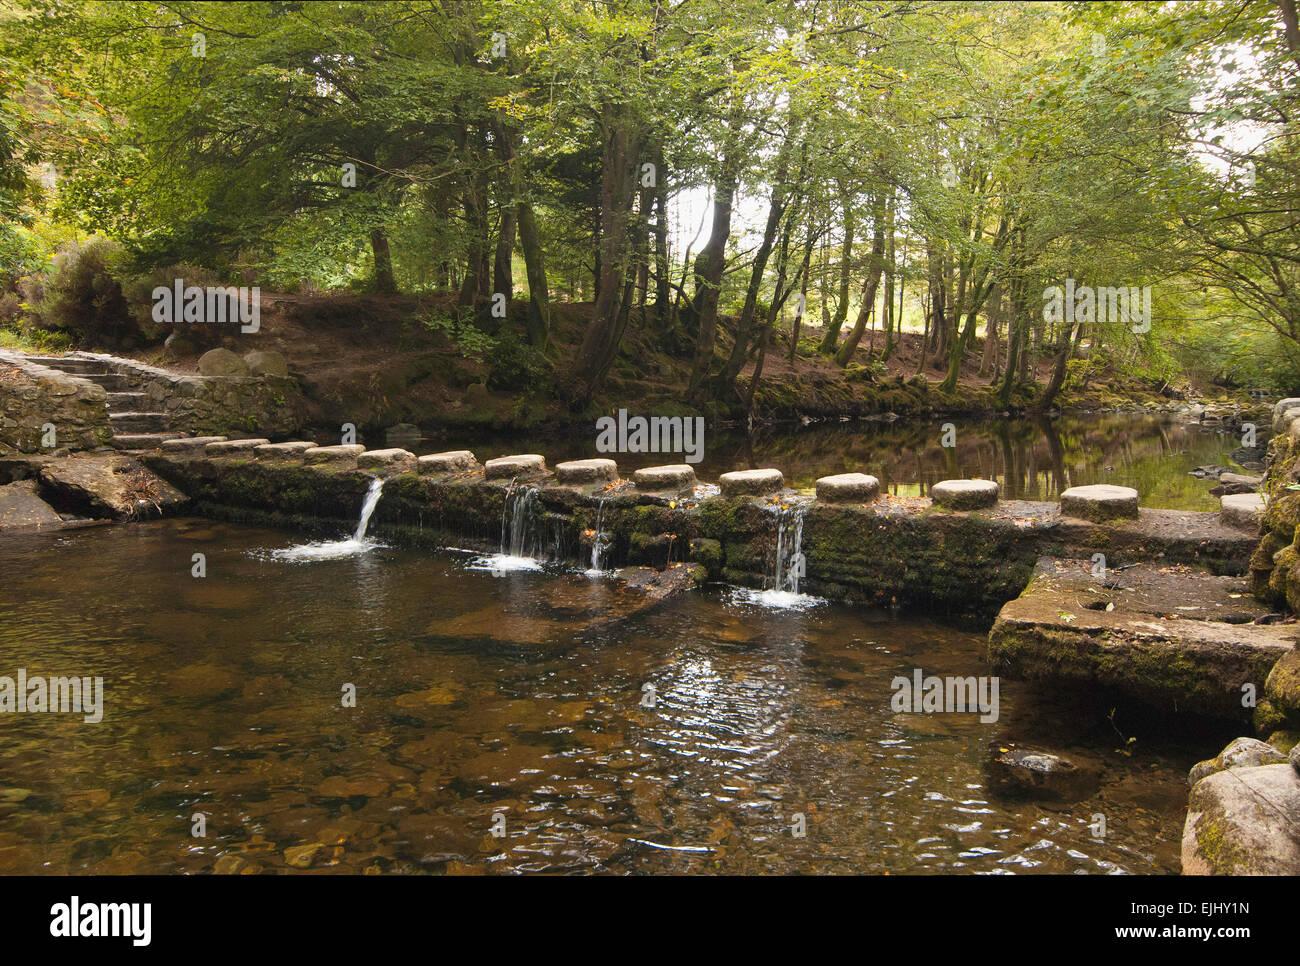 Uno di 16 ponti attraverso il Fiume Shimna in Tollymore Forest Park, Irlanda del Nord Foto Stock